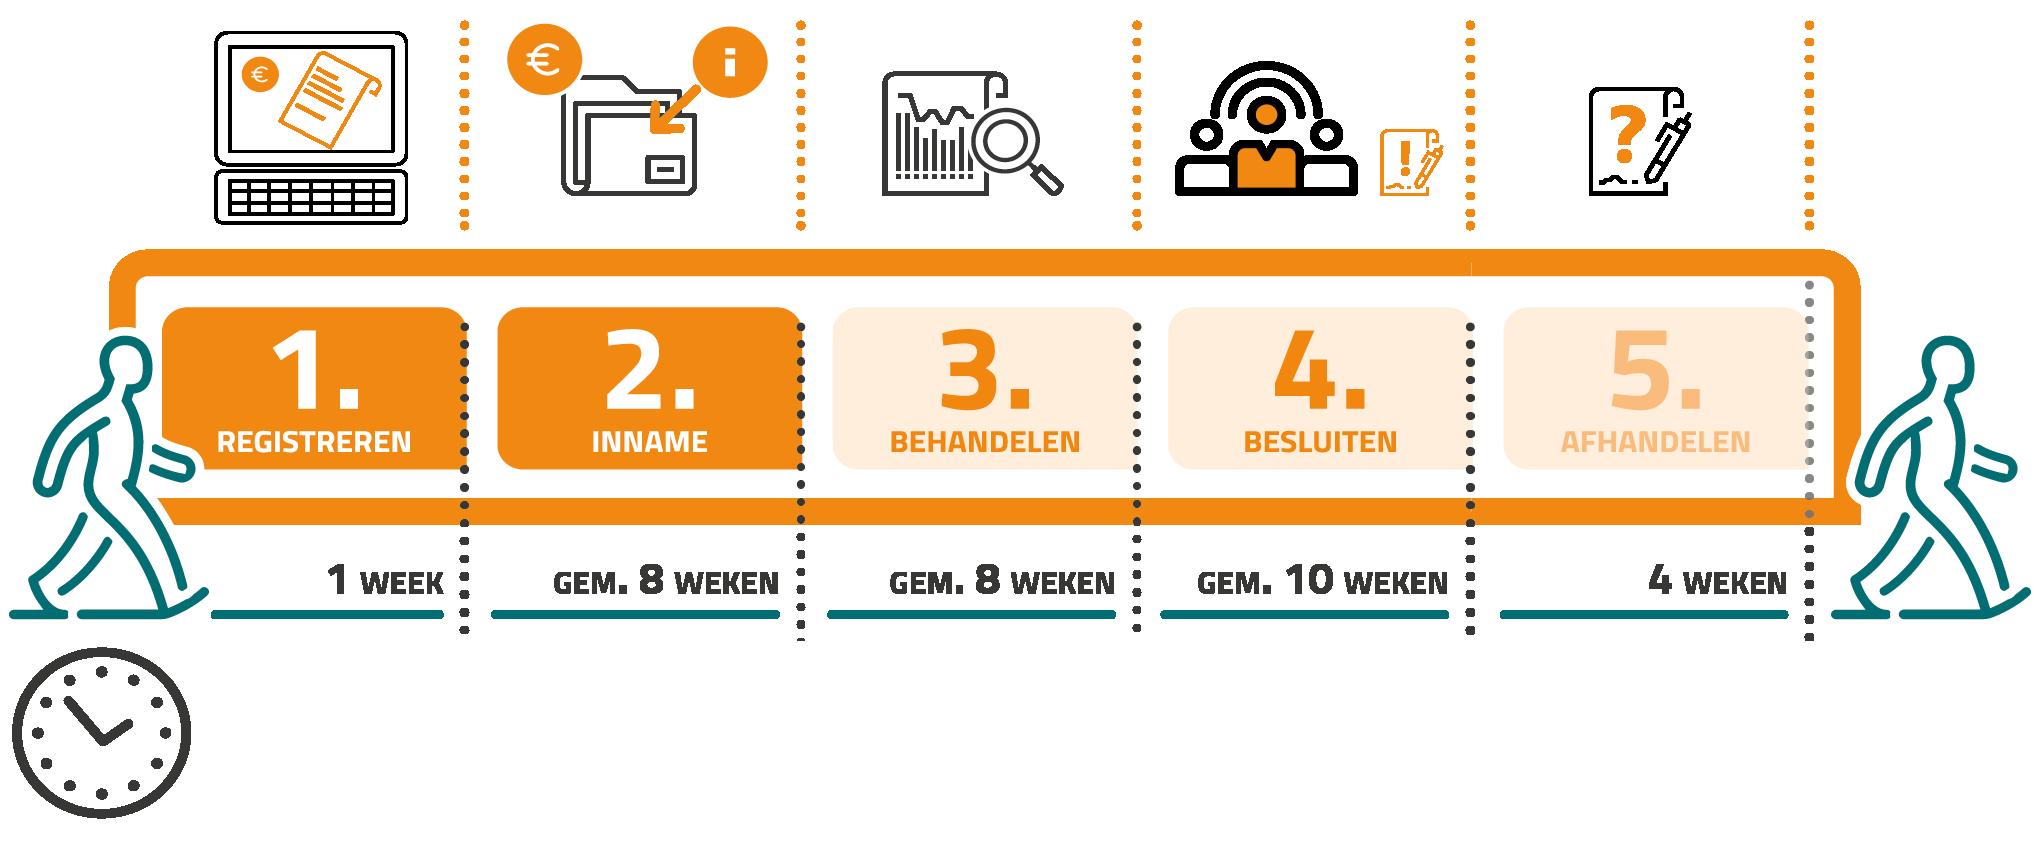 infographic met informatie over de stappen van het proces